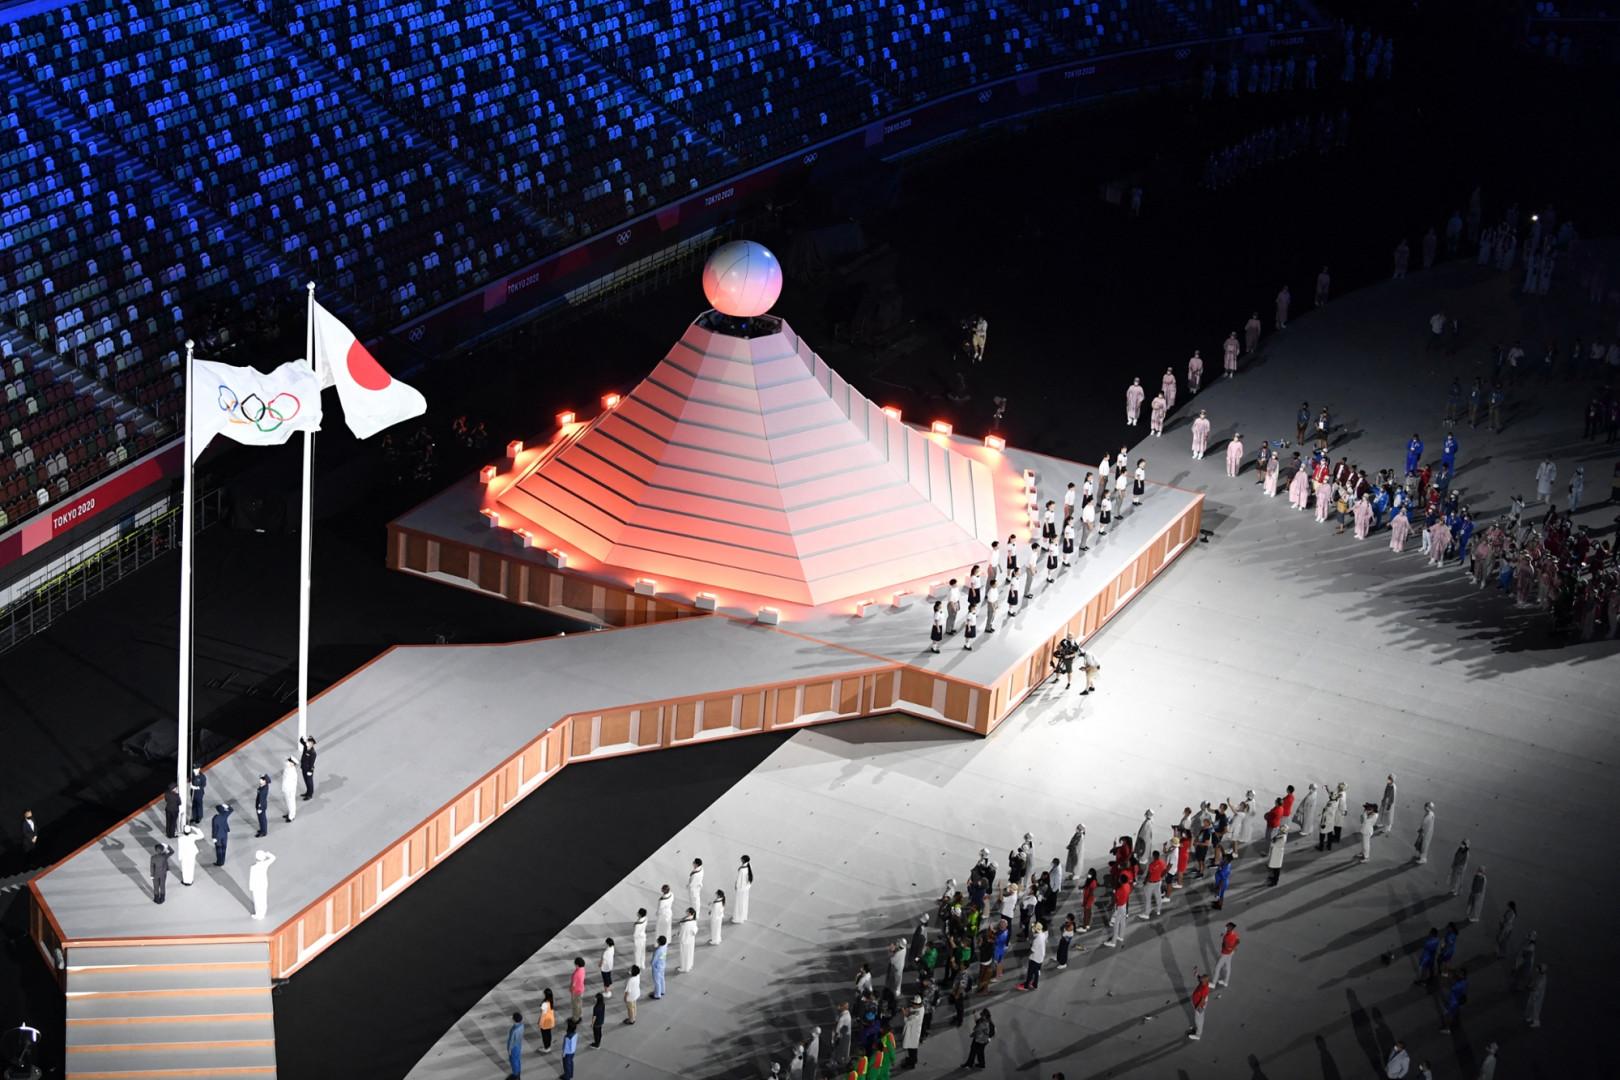 Les deux drapeaux et le temple éphémère dans le stade olympique